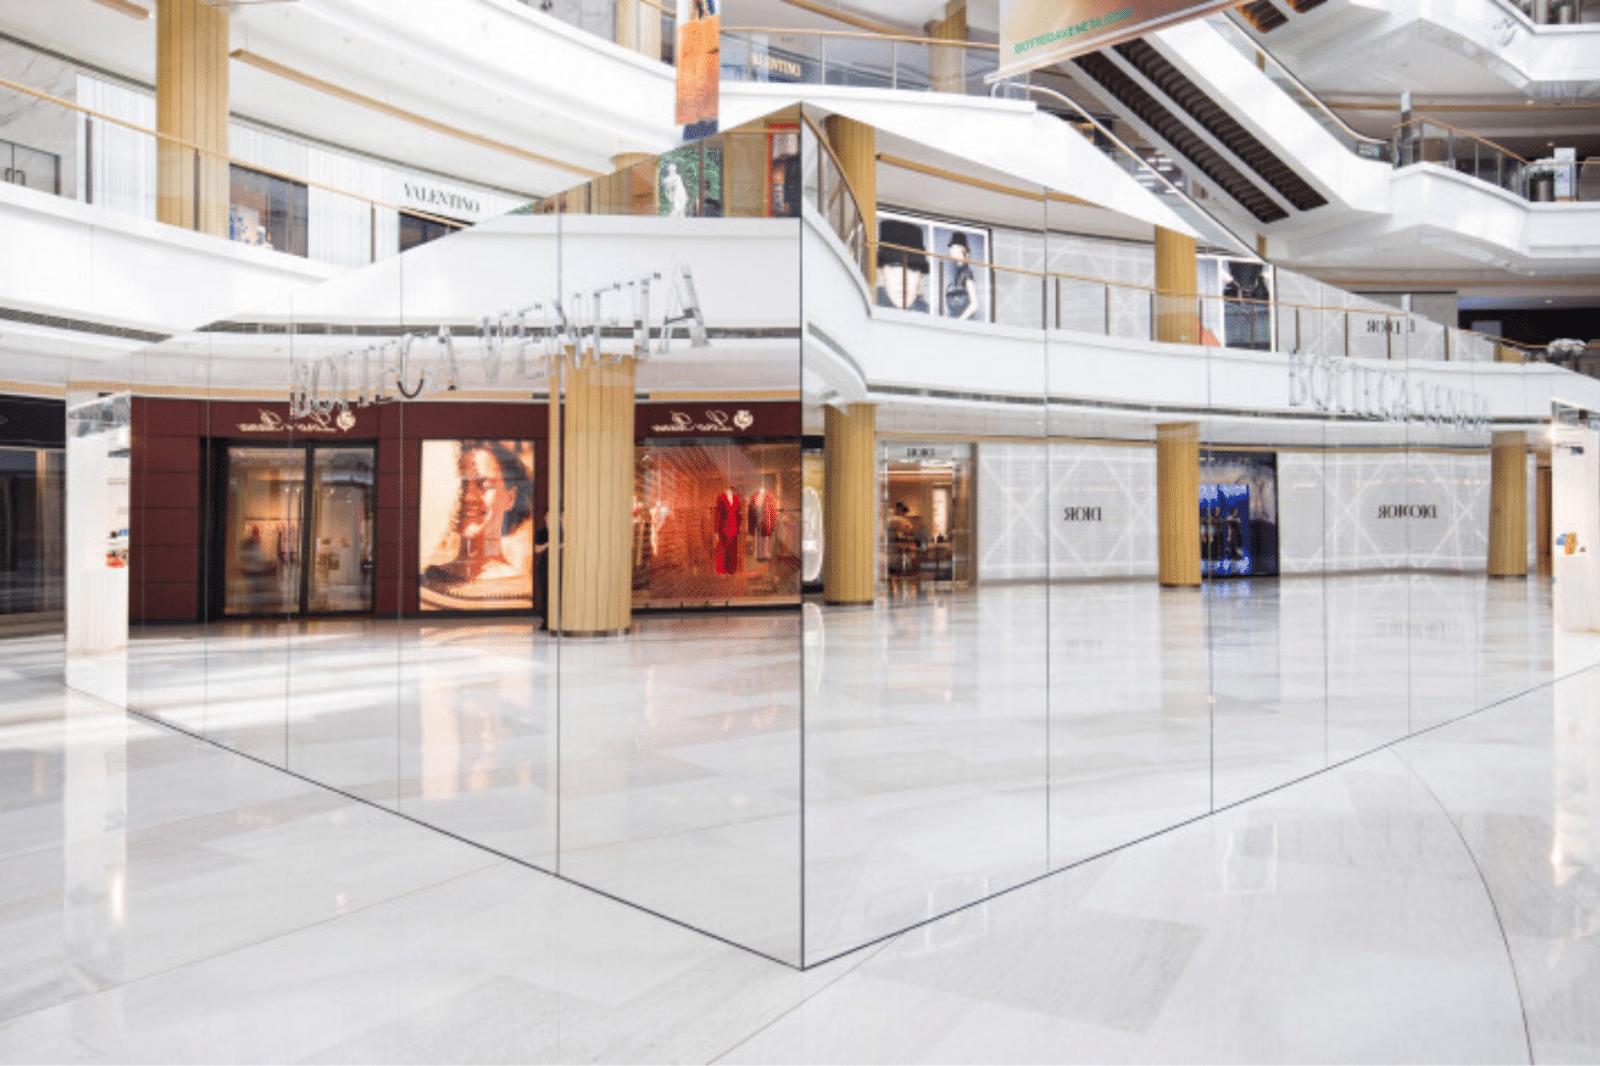 """Shanghai: Bottega Veneta crea """"Lo Store Invisibile"""". In una piazza di un centro commerciale di Shangai, il concept store di Bottega Veneta è racchiuso in un grande quadrato con degli specchi all'esterno che, voltontariamente, riflettono i loghi dei negozi dei competitors come Dior e Valentino. Fonte immagine: Luxus Plus"""